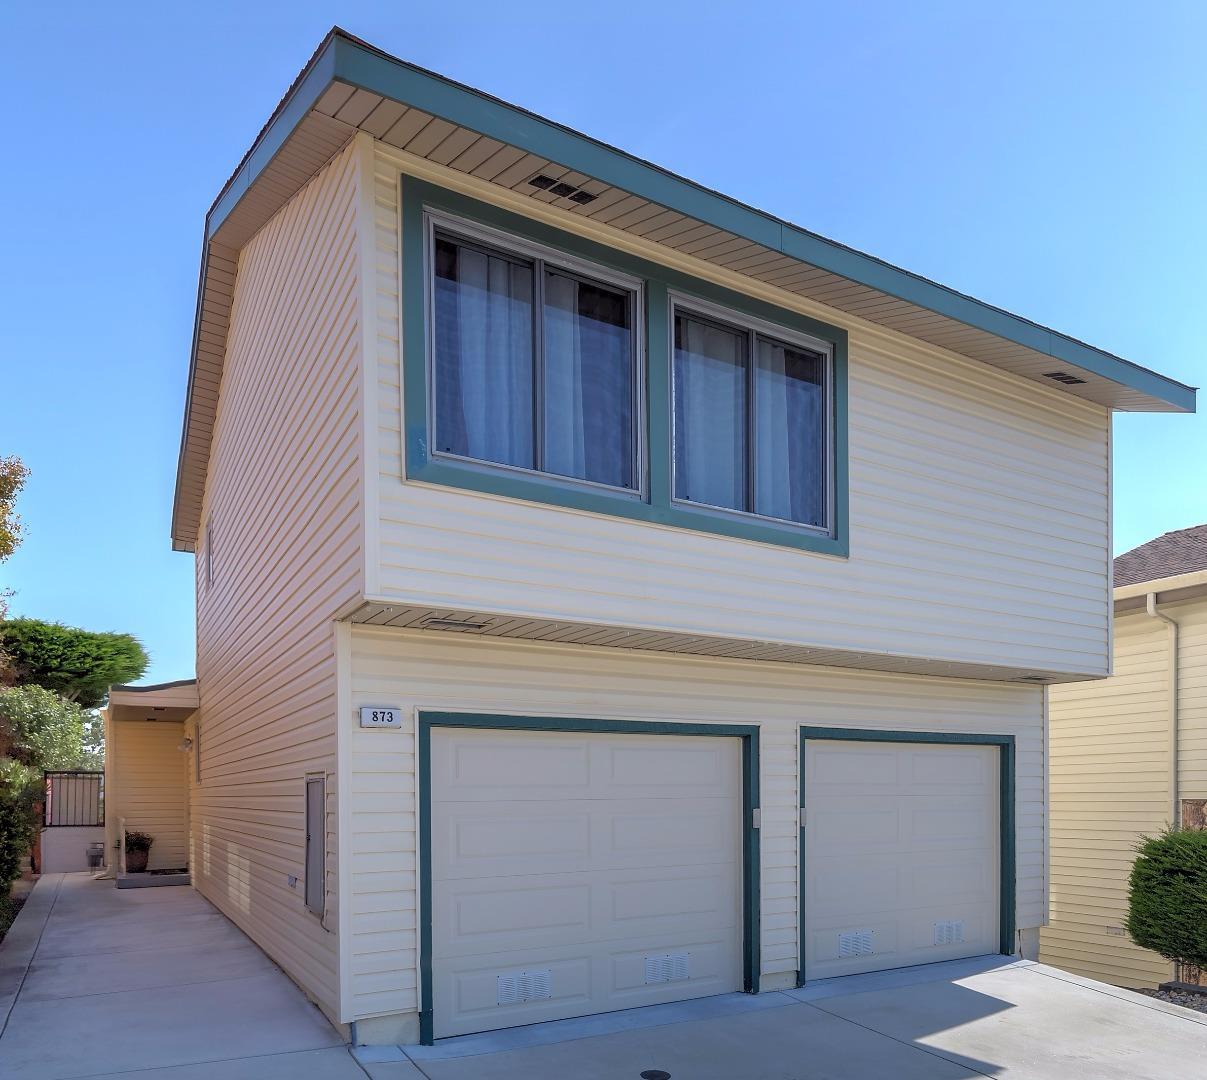 873 Gellert Blvd, Daly City, Ca 94015 | Bailey Properties